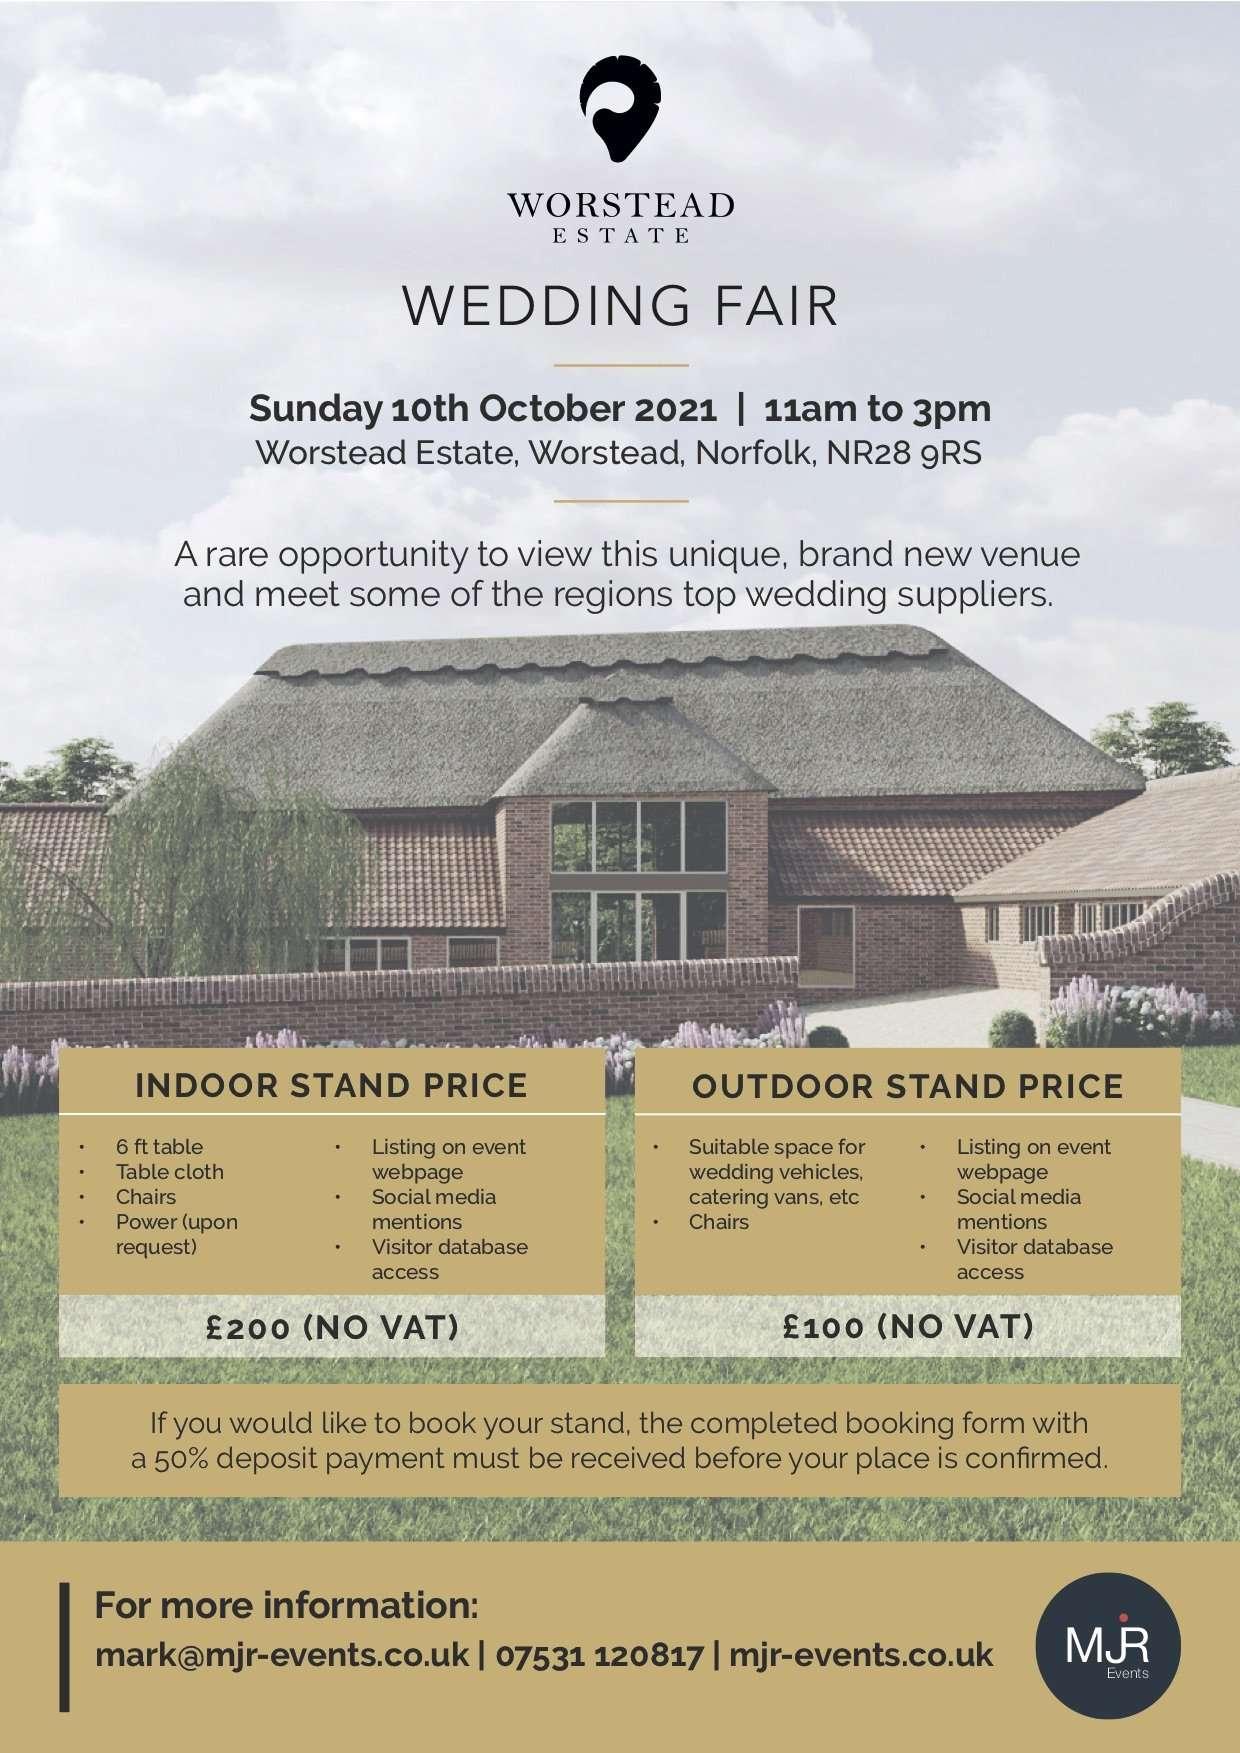 Worstead Estate in Norfolk Information card for their wedding fair